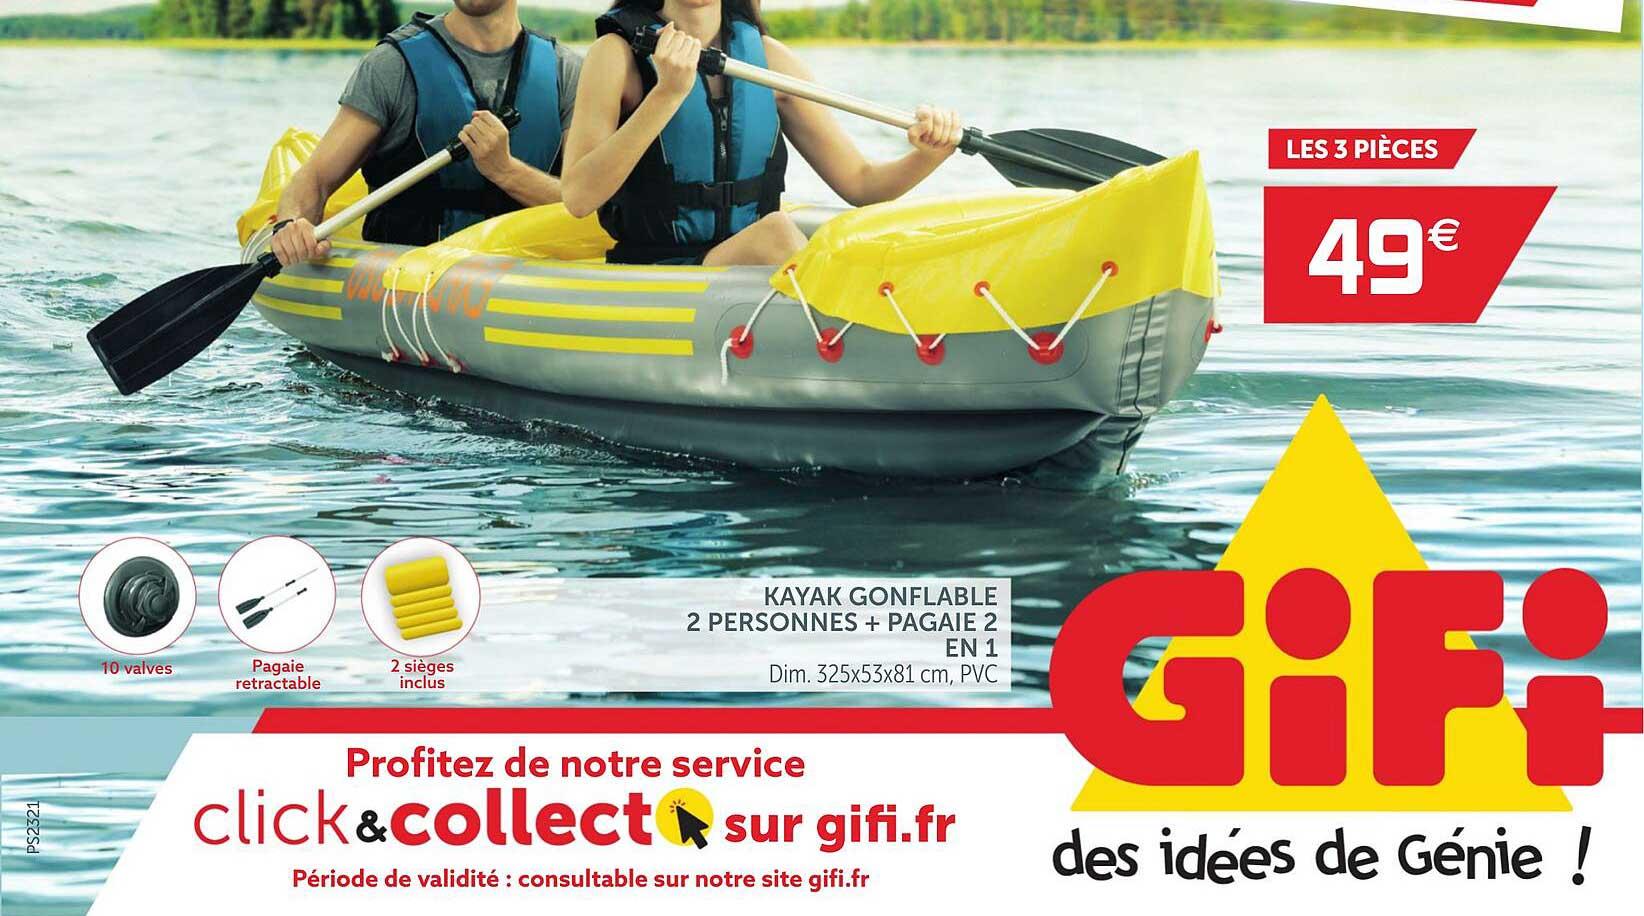 GiFi Kayak Gonflable 2 Personnes + Pagaie 2 En 1